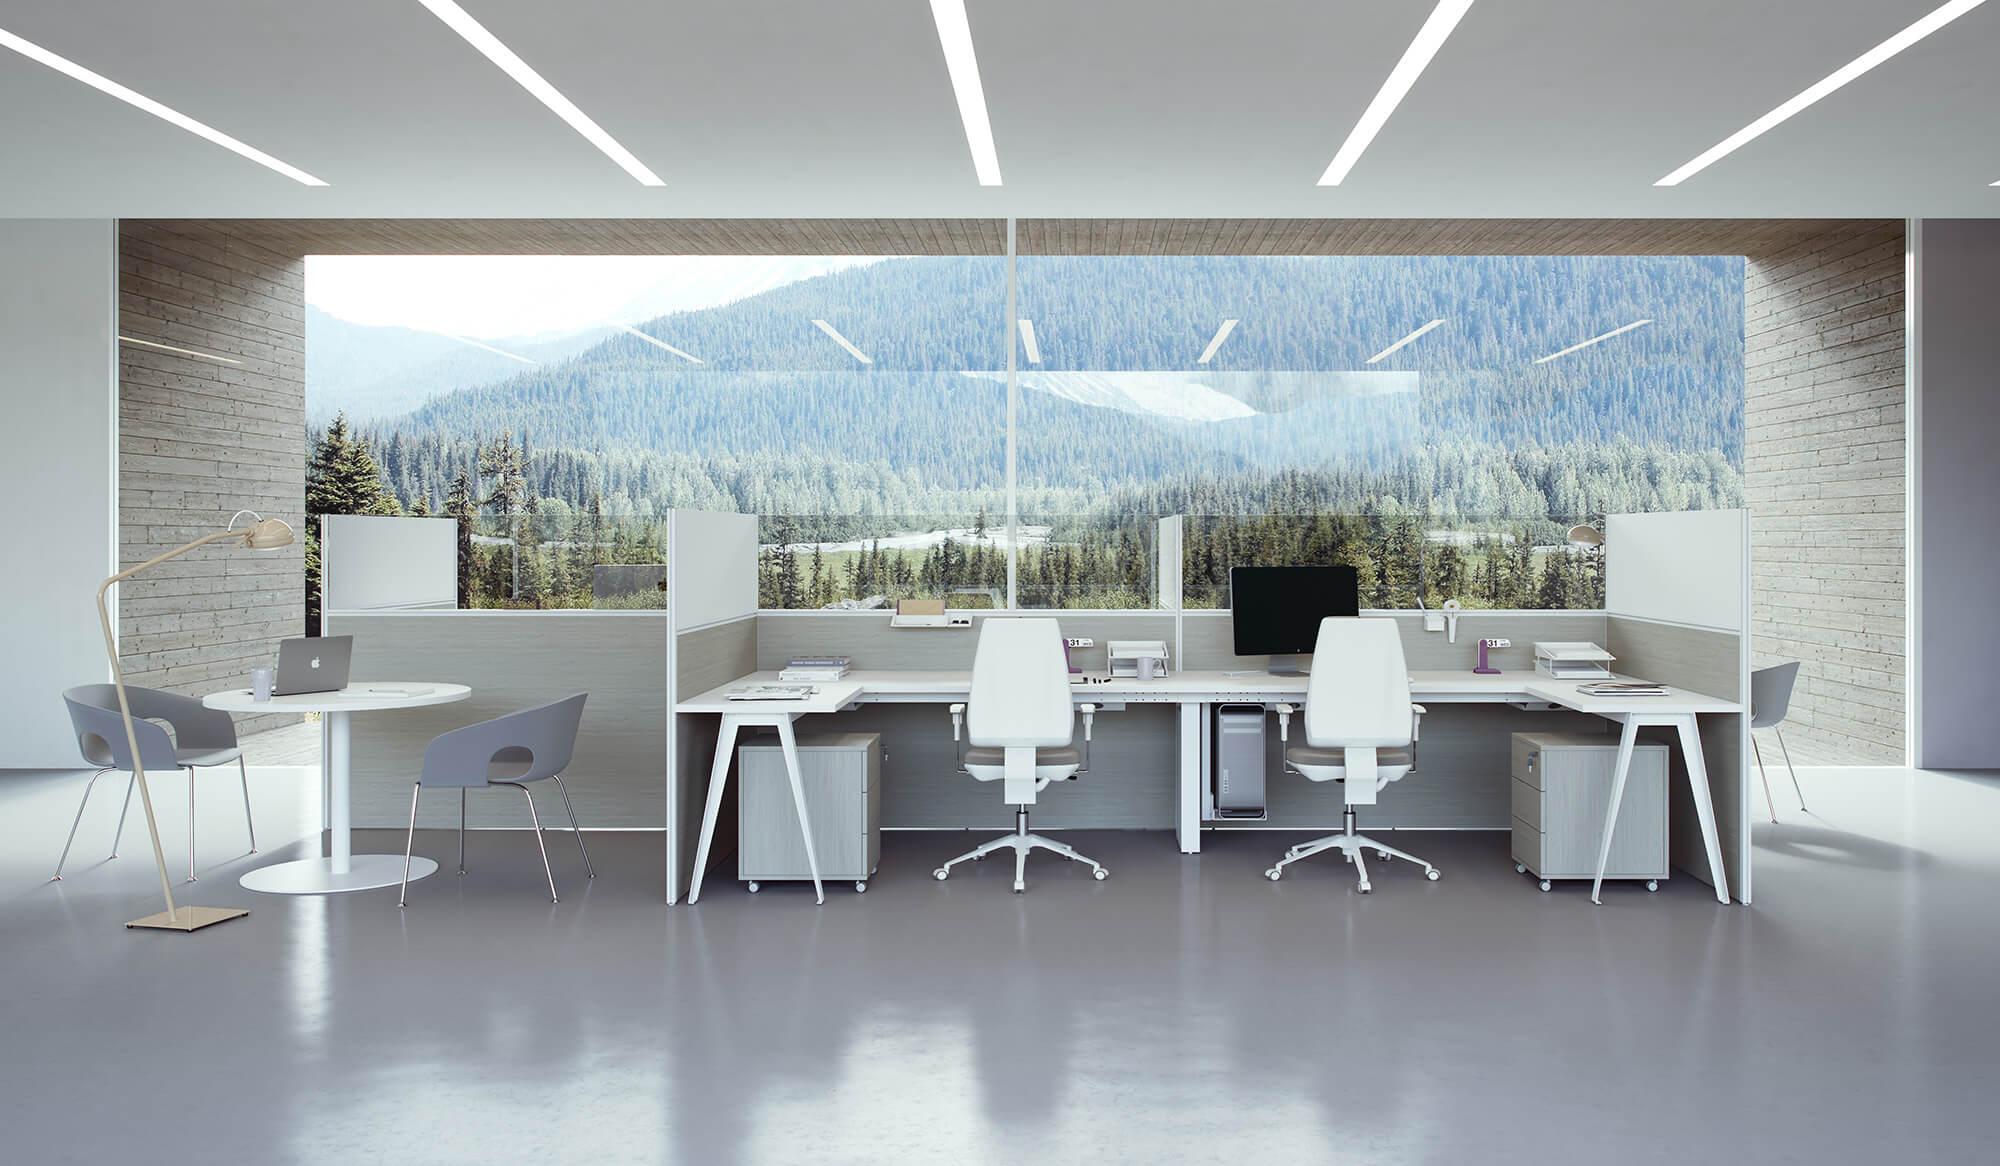 Espace de travail - Bureau - Prof - Dodici